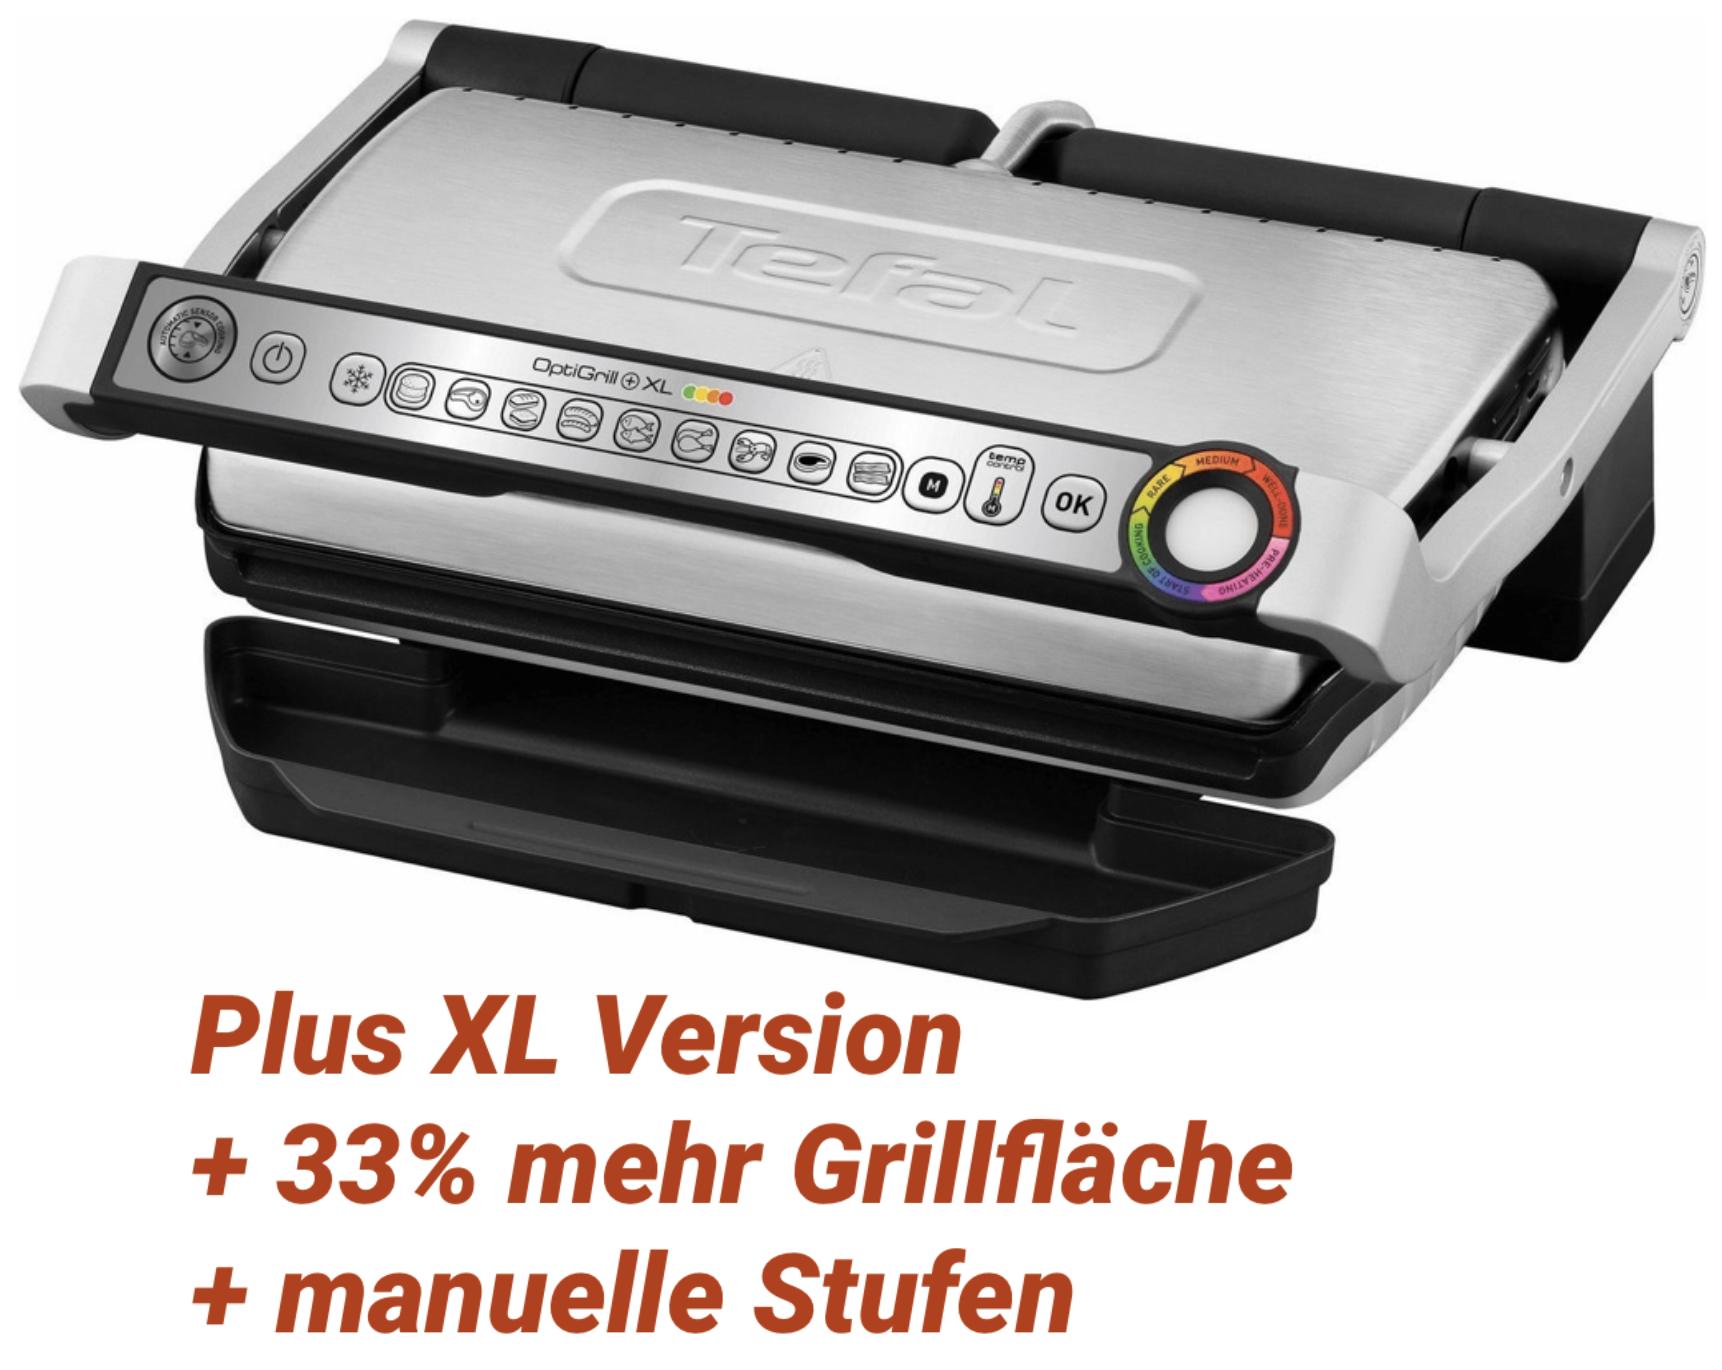 Tefal OptiGrill XL GC722D Kontaktgrill mit Plus XL-Grillfläche u. zusätzlichen Temperaturstufen für 108,99€ inkl. Versandkosten